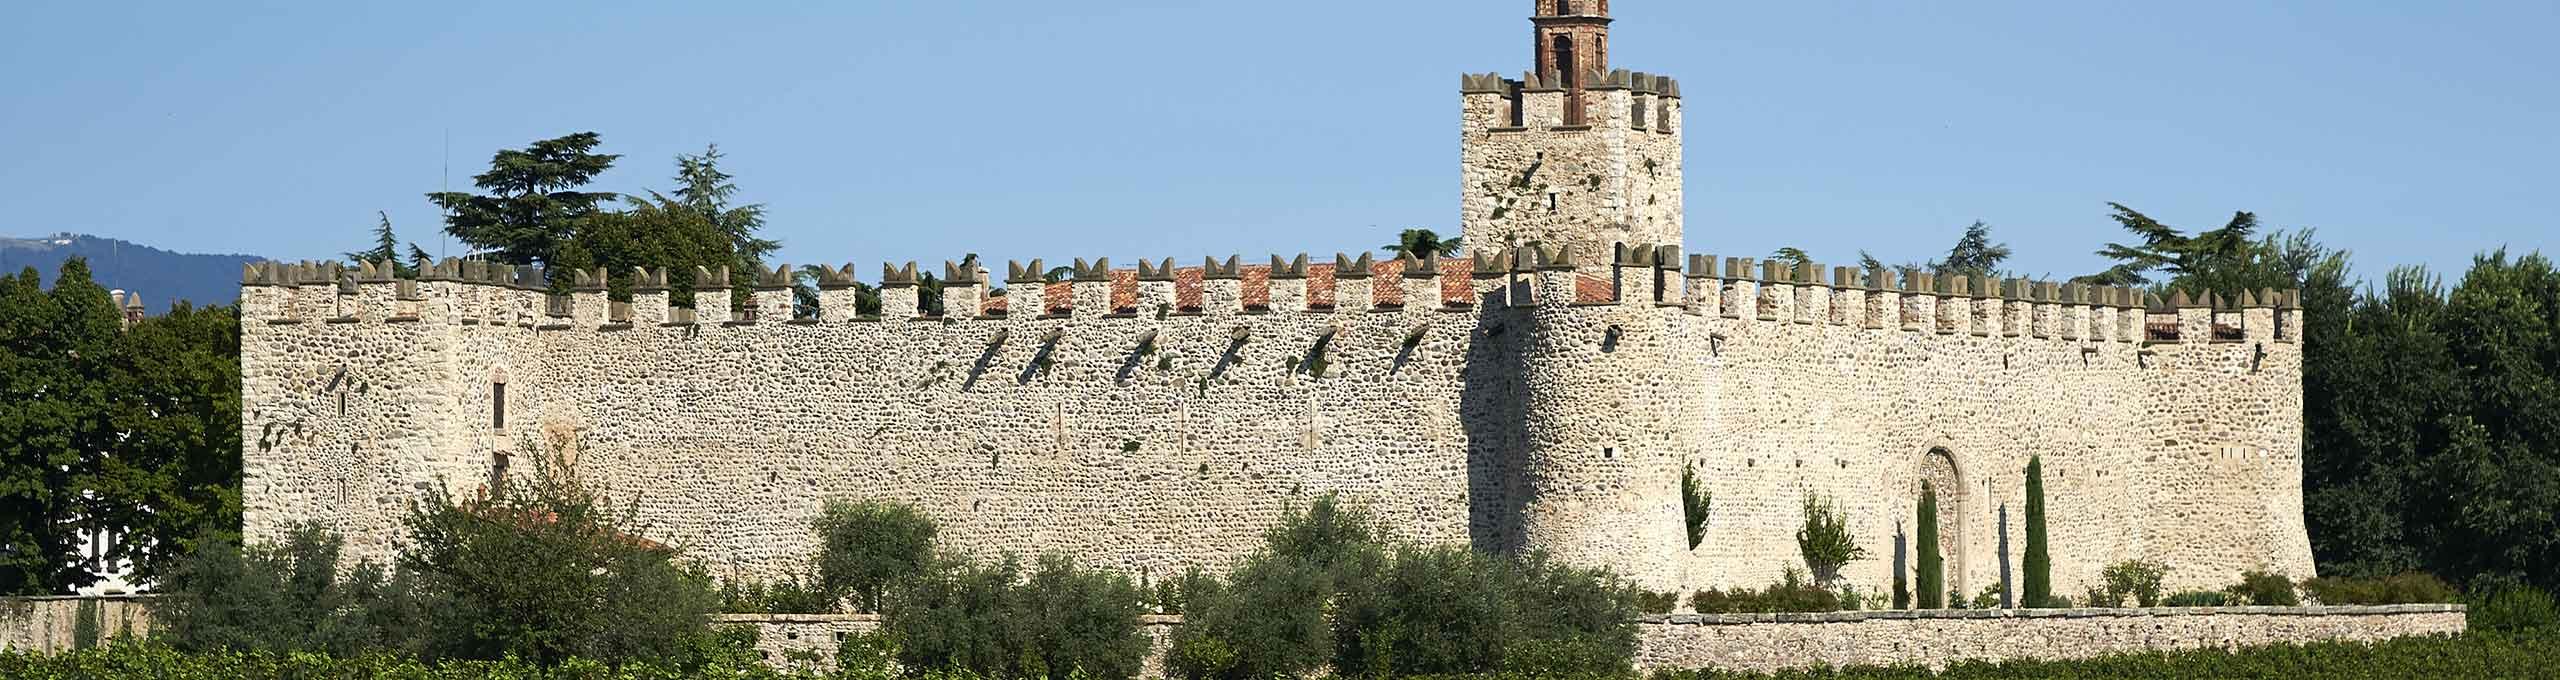 Passirano, Franciacorta, castello medievale